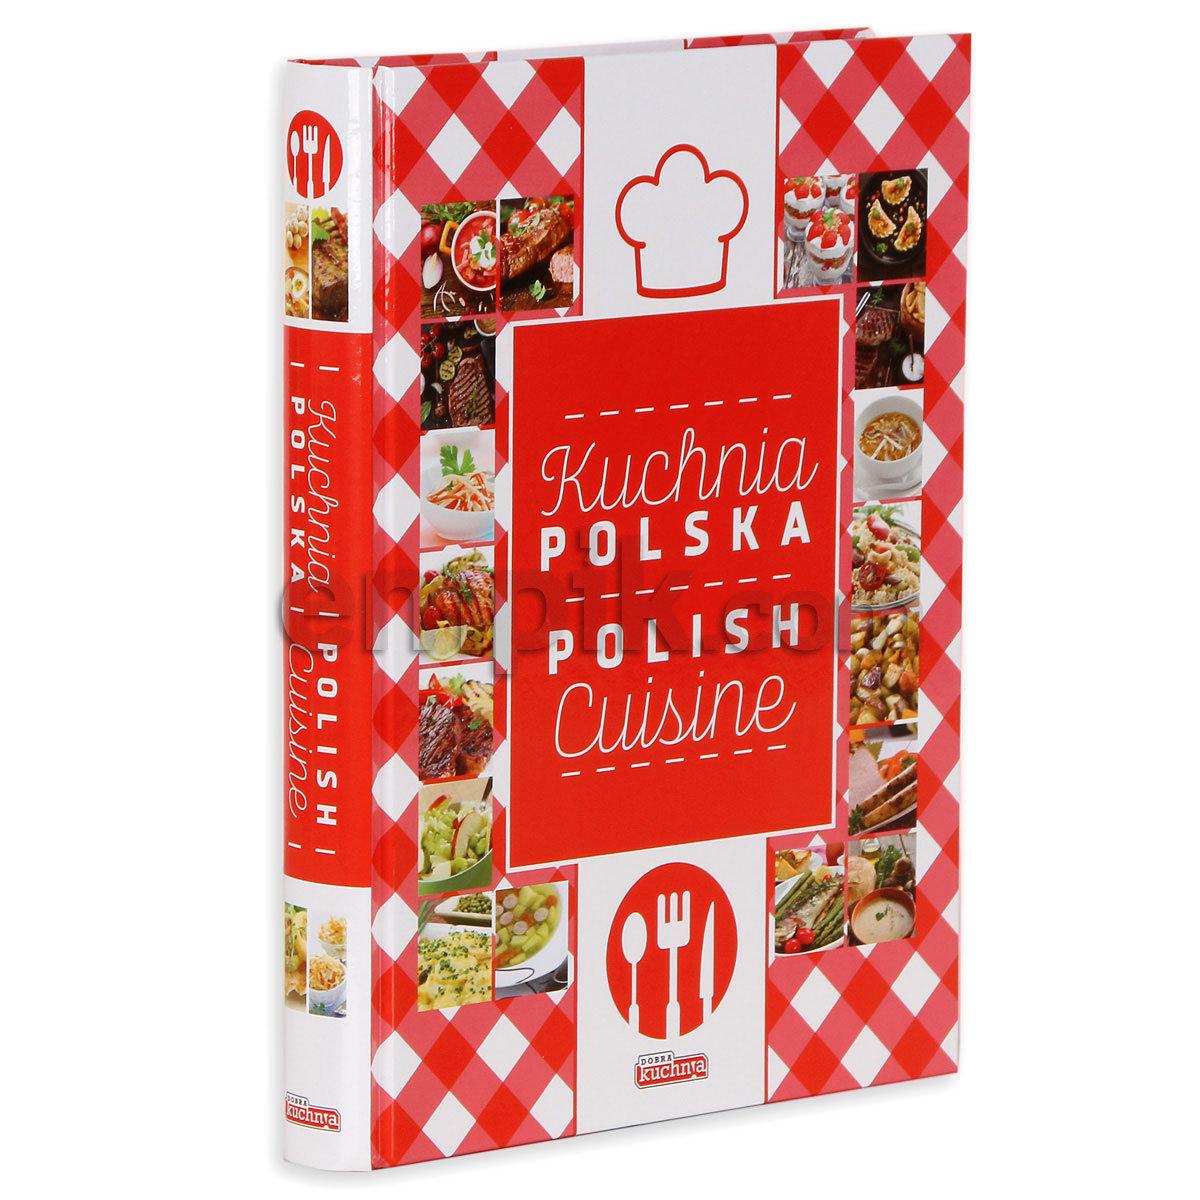 Kuchnia Polska Polish Kitchen Opracowanie Zbiorowe Ksiazka W Sklepie Empik Com